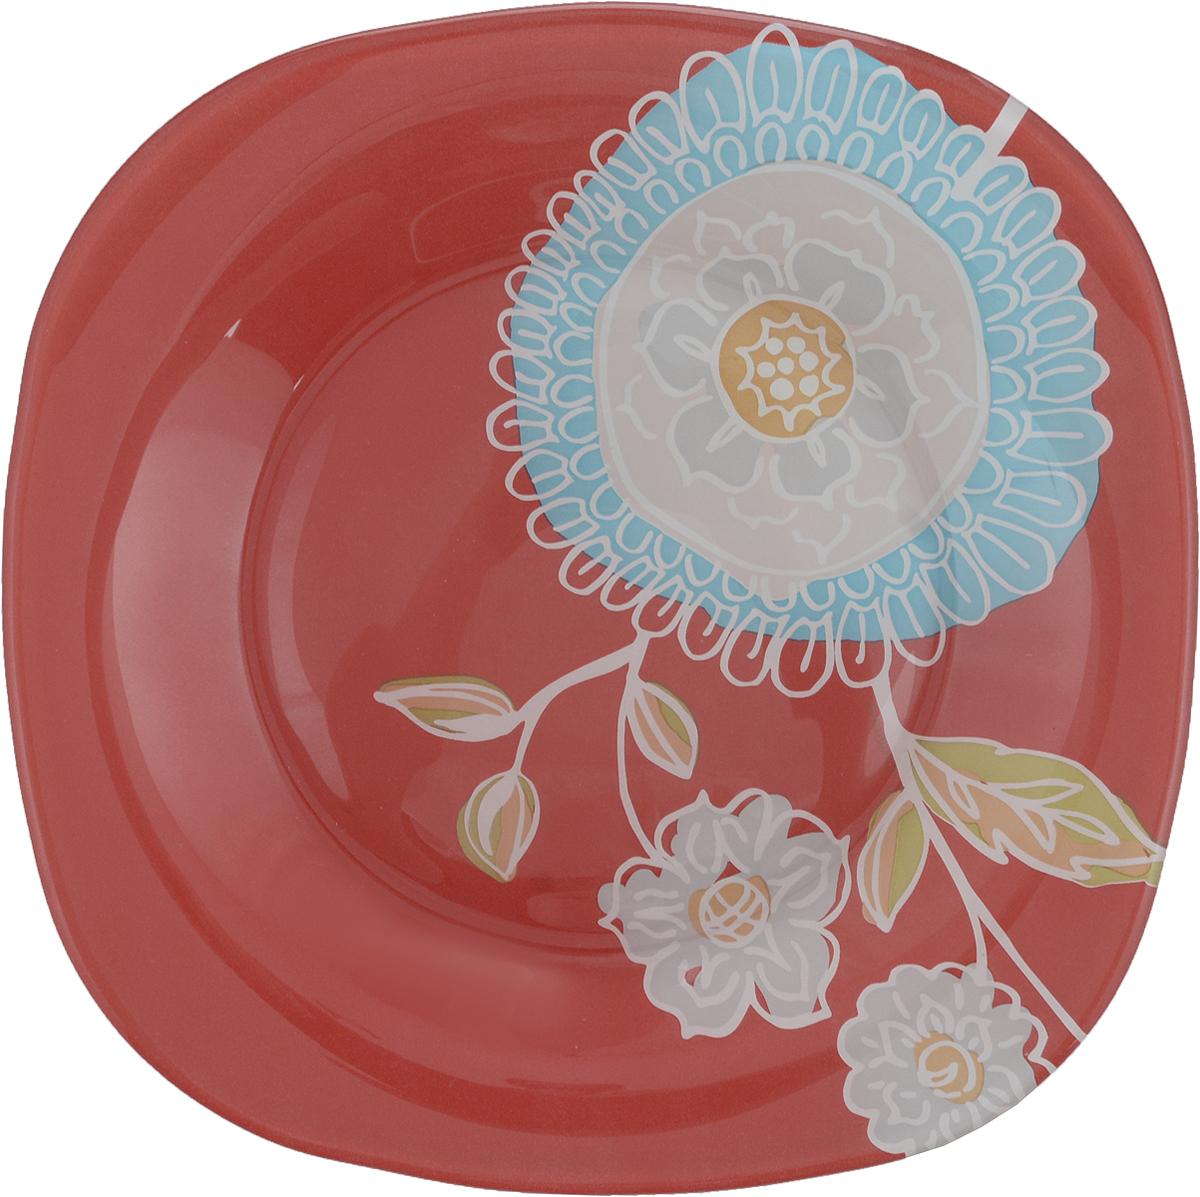 Тарелка десертная Luminarc Silene Glass, 18 х 18 смJ7829Десертная тарелка Luminarc Silene Glass, изготовленная из высококачественного стекла, имеет изысканный внешний вид. Такая тарелка прекрасно подходит как для торжественных случаев, так и для повседневного использования. Идеальна для подачи десертов, пирожных, тортов и многого другого. Она прекрасно оформит стол и станет отличным дополнением к вашей коллекции кухонной посуды. Размер тарелки: 18 х 18 см. Высота тарелки: 1,5 см.